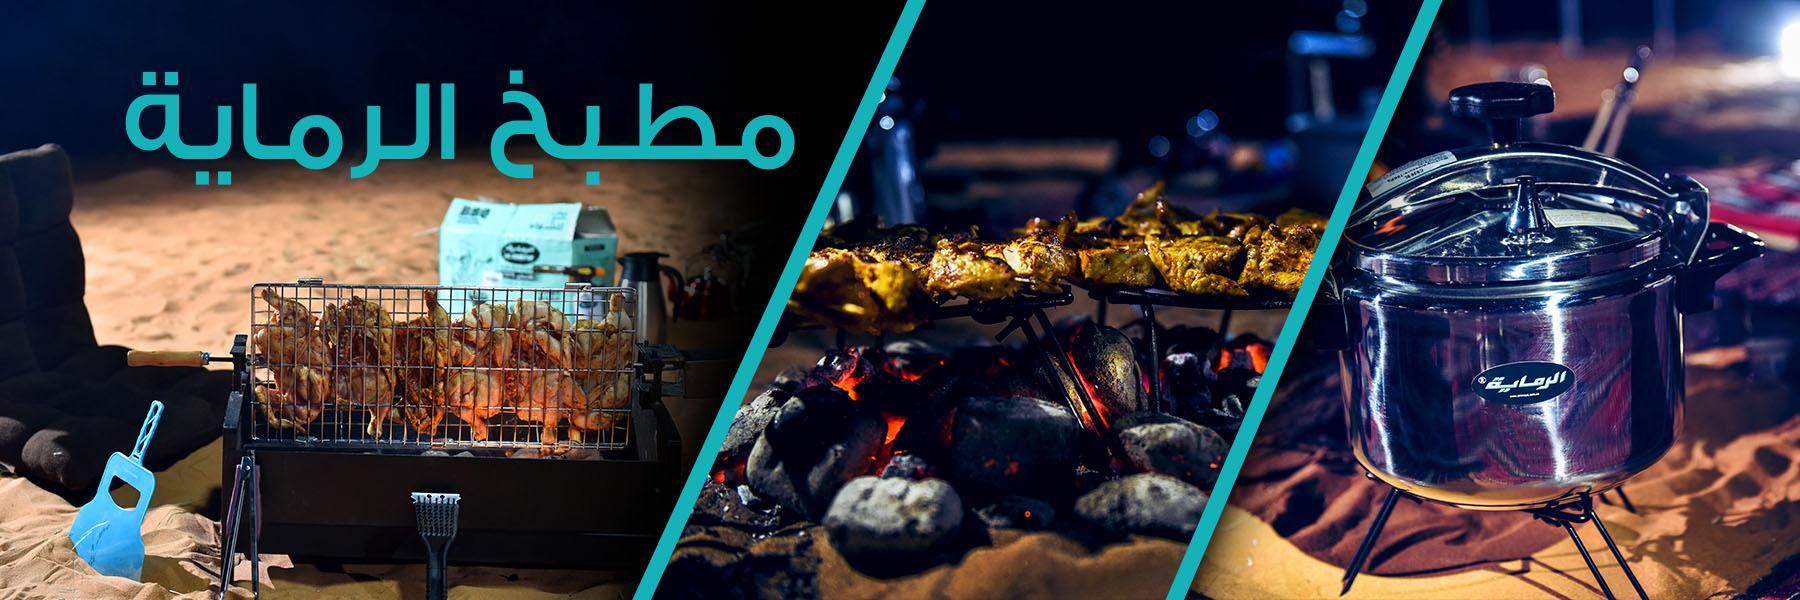 Alrimaya Kitchen